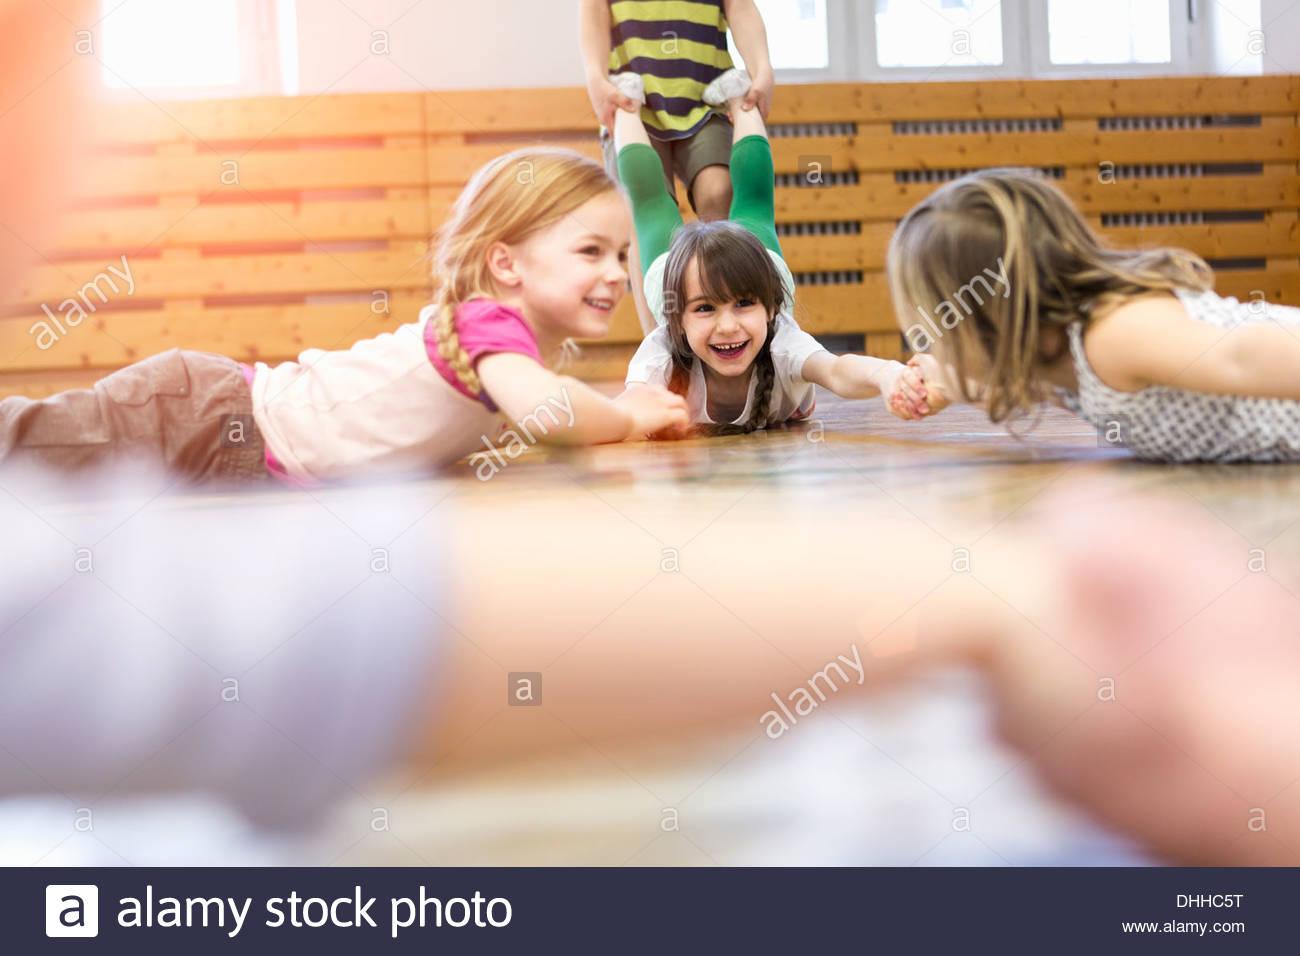 Los niños recostados sobre frentes jugando tirando de juego Imagen De Stock